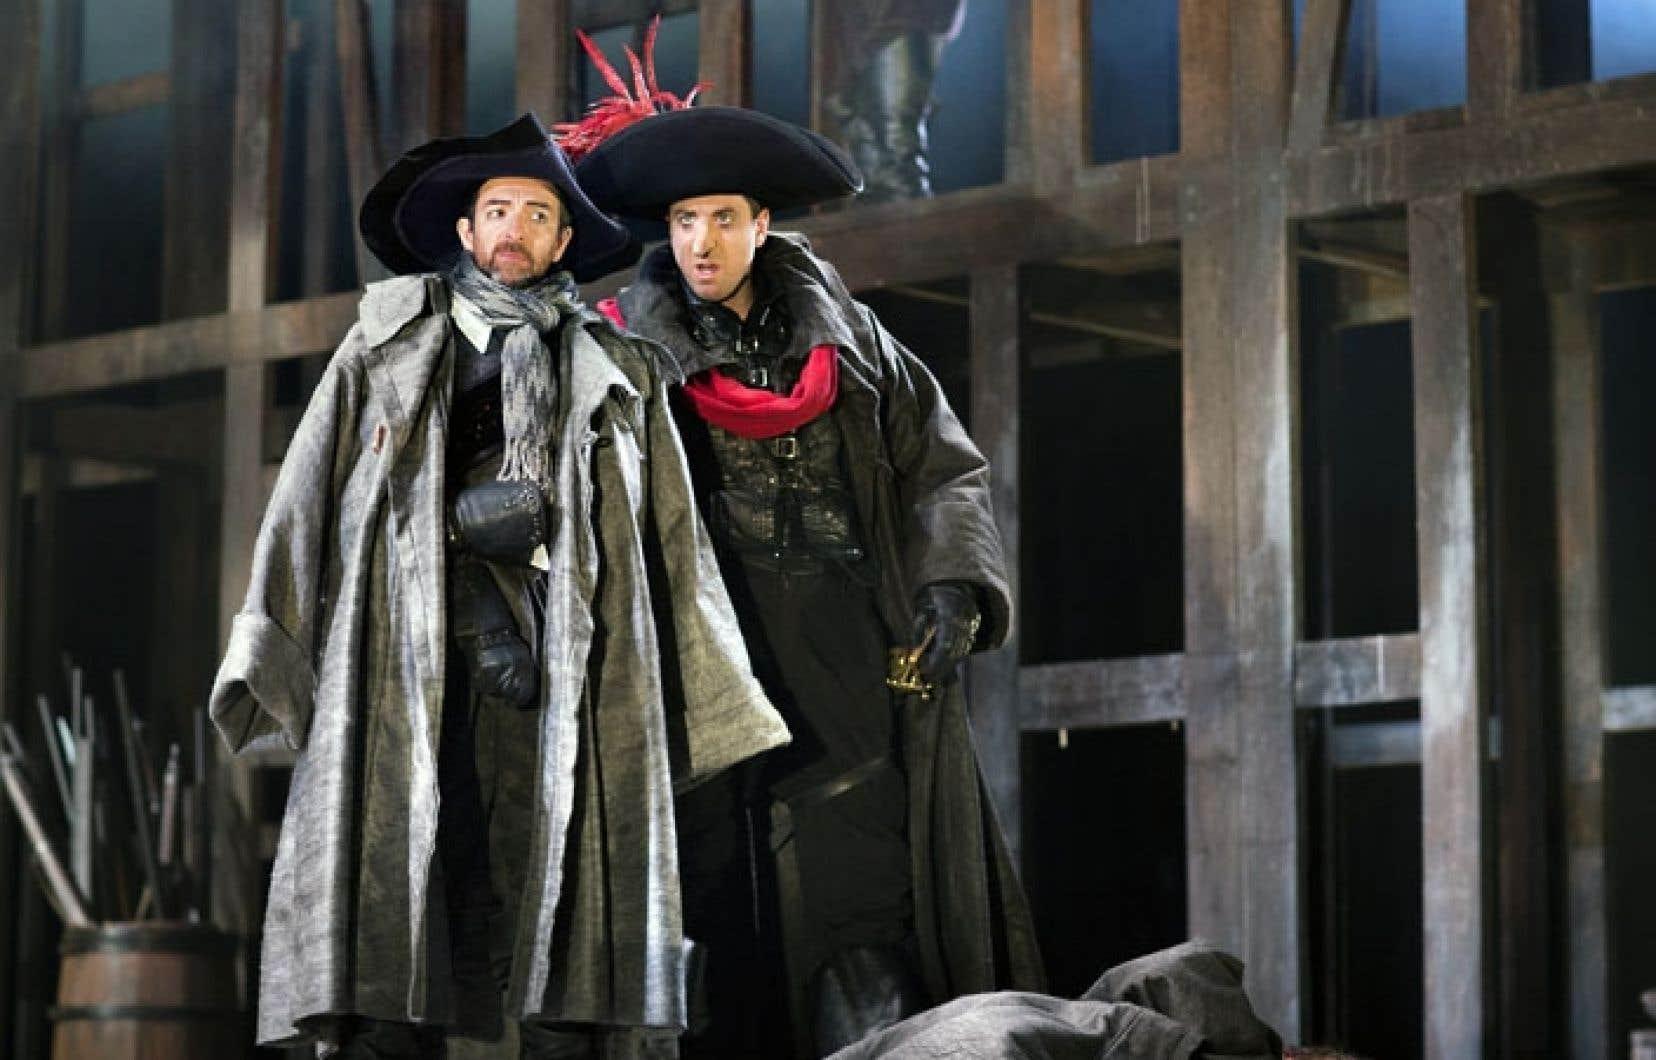 Luc Bourgeois et Patrice Robitaille font partie de la distribution de la pièce présentée au TNM Cyrano de Bergerac, qui se démarque par la précision de sa mise en scène et la rigueur classique de l'interprétation.